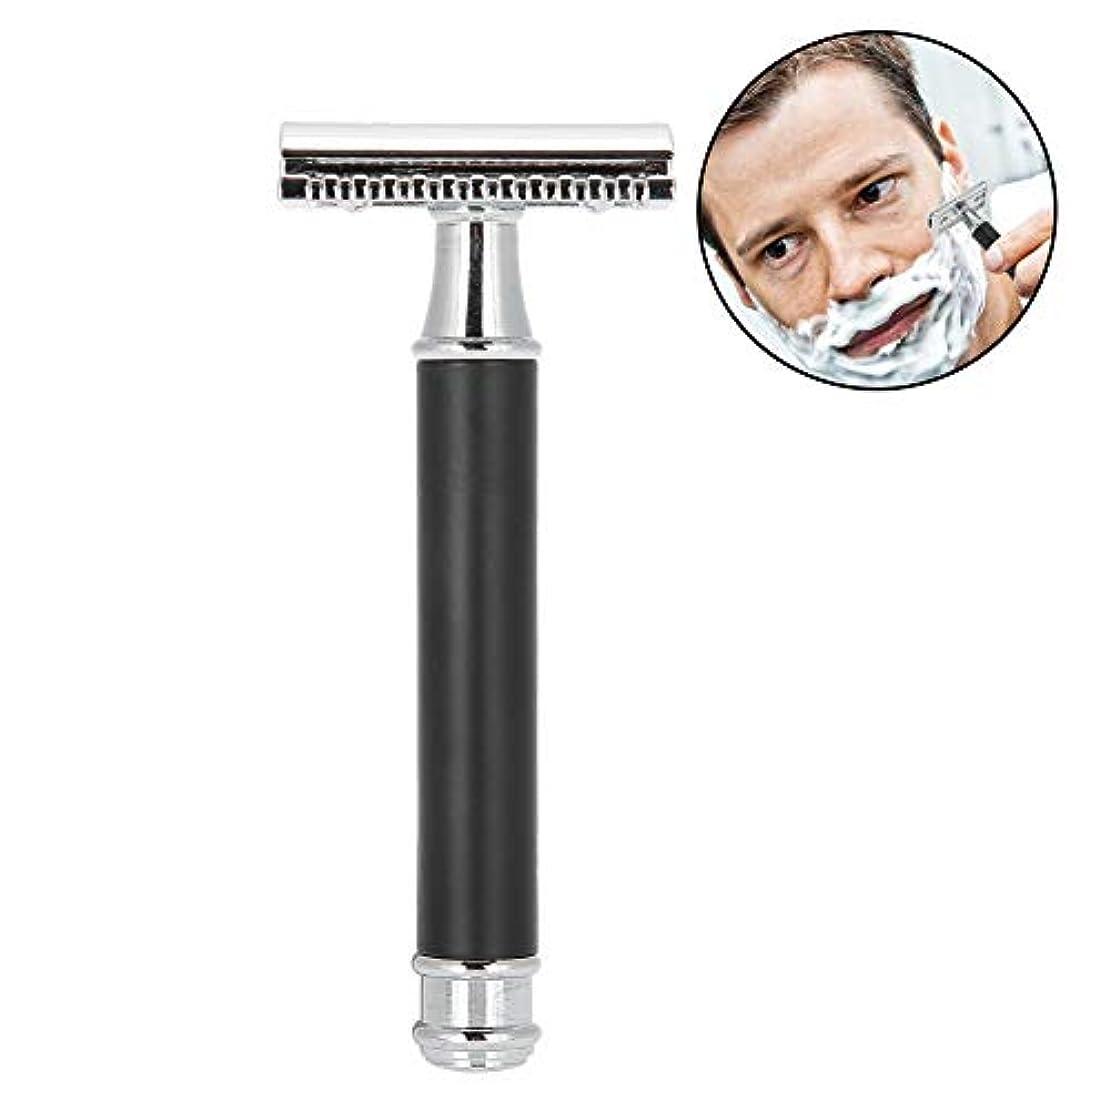 間違えた永久口径手動メンズシェーバー 金属クラシックレイザー 両刃カミソリ 安全 防水肌に優しく 使いやすい 快適な剃り